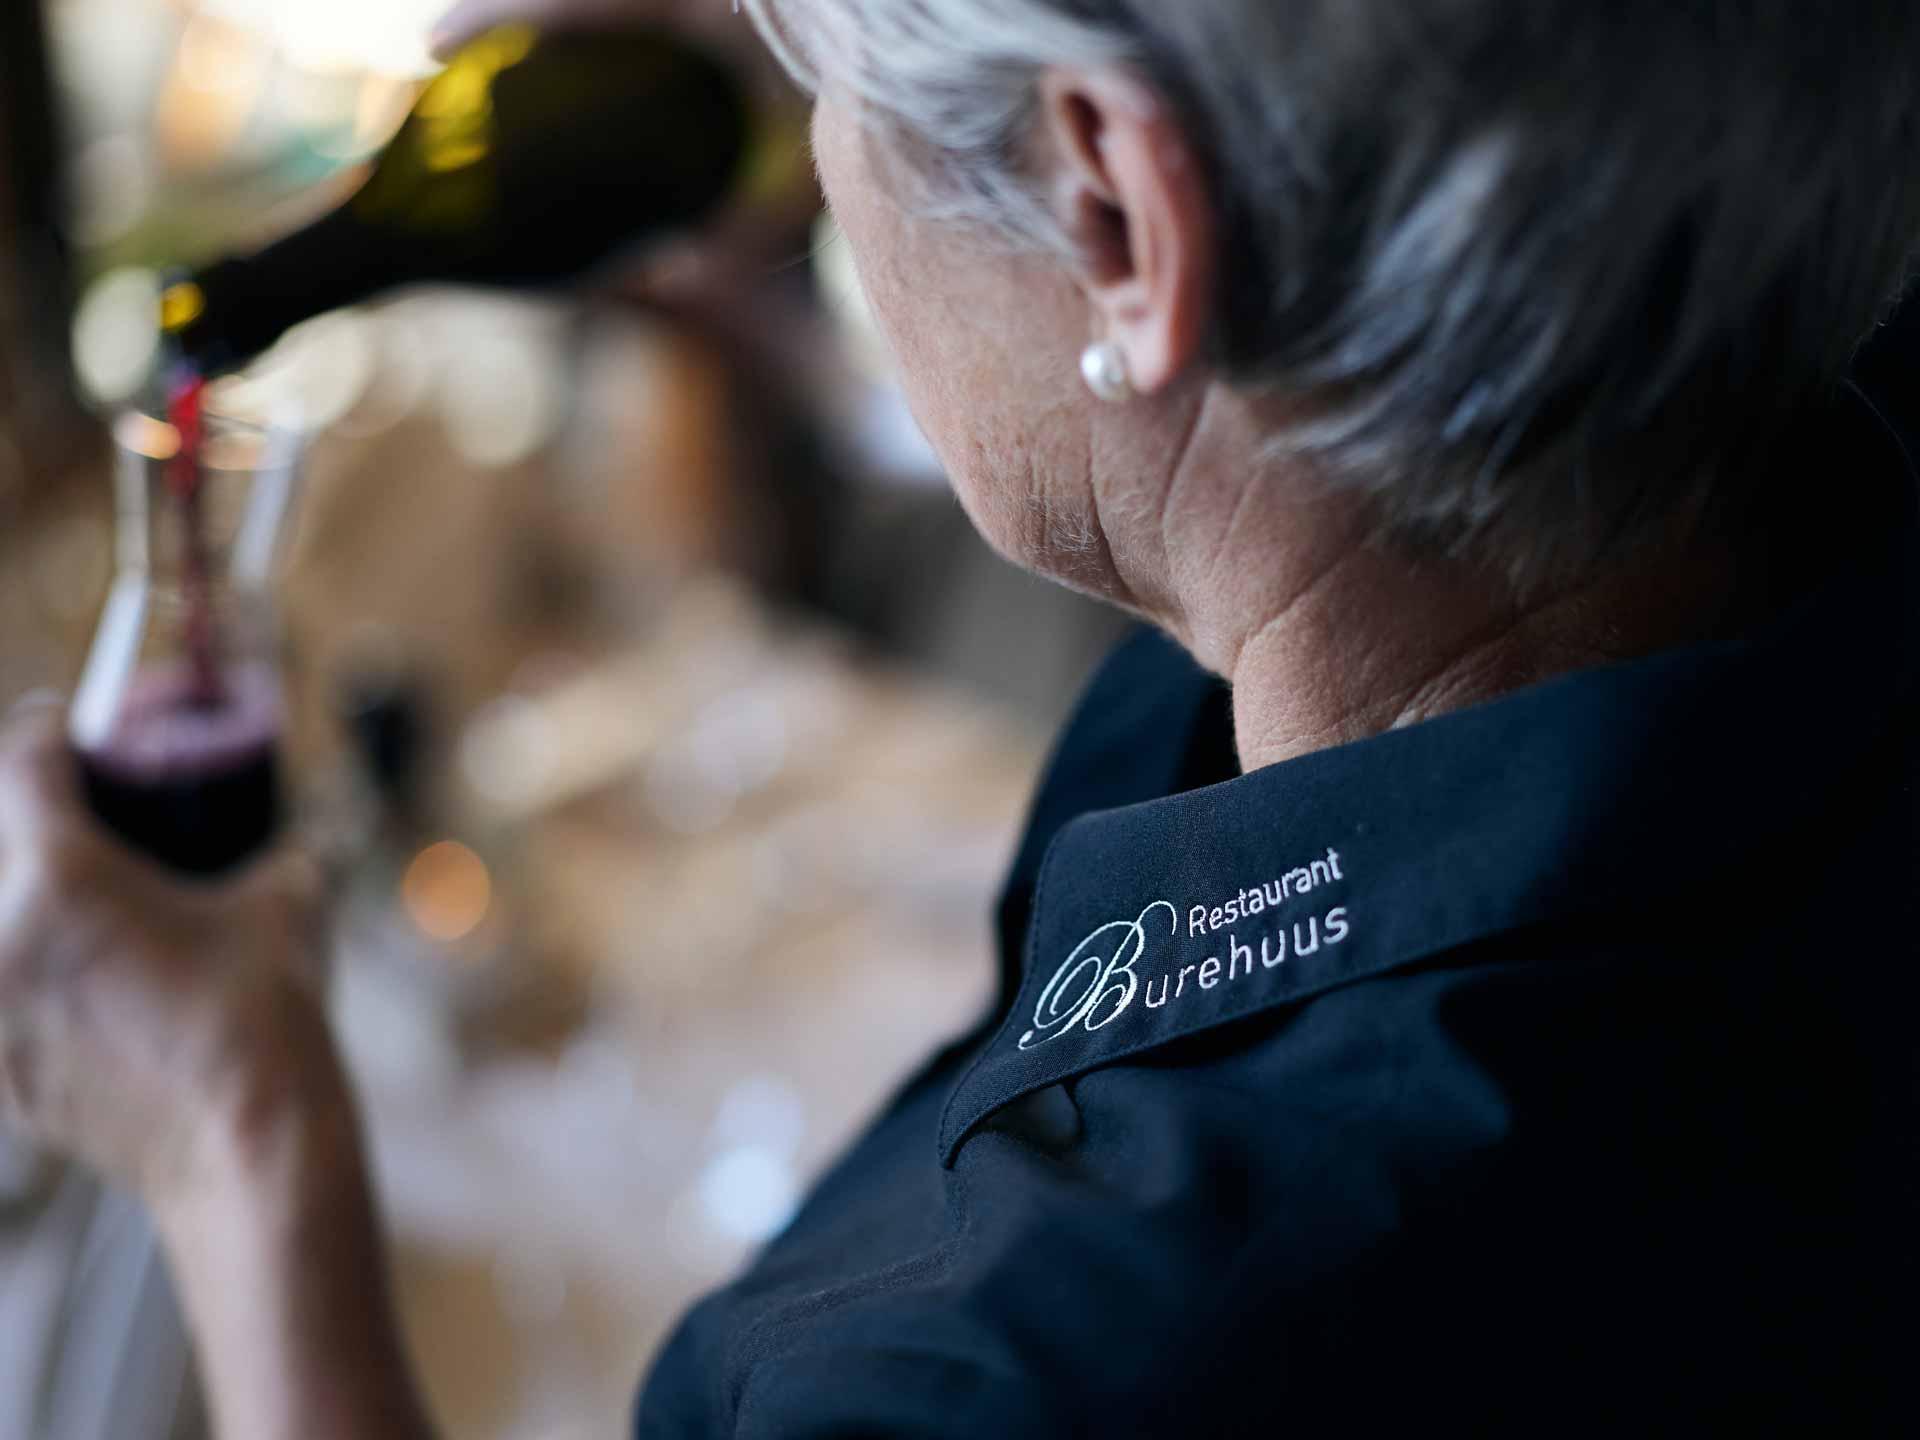 Frau schenkt Glas Wein ein